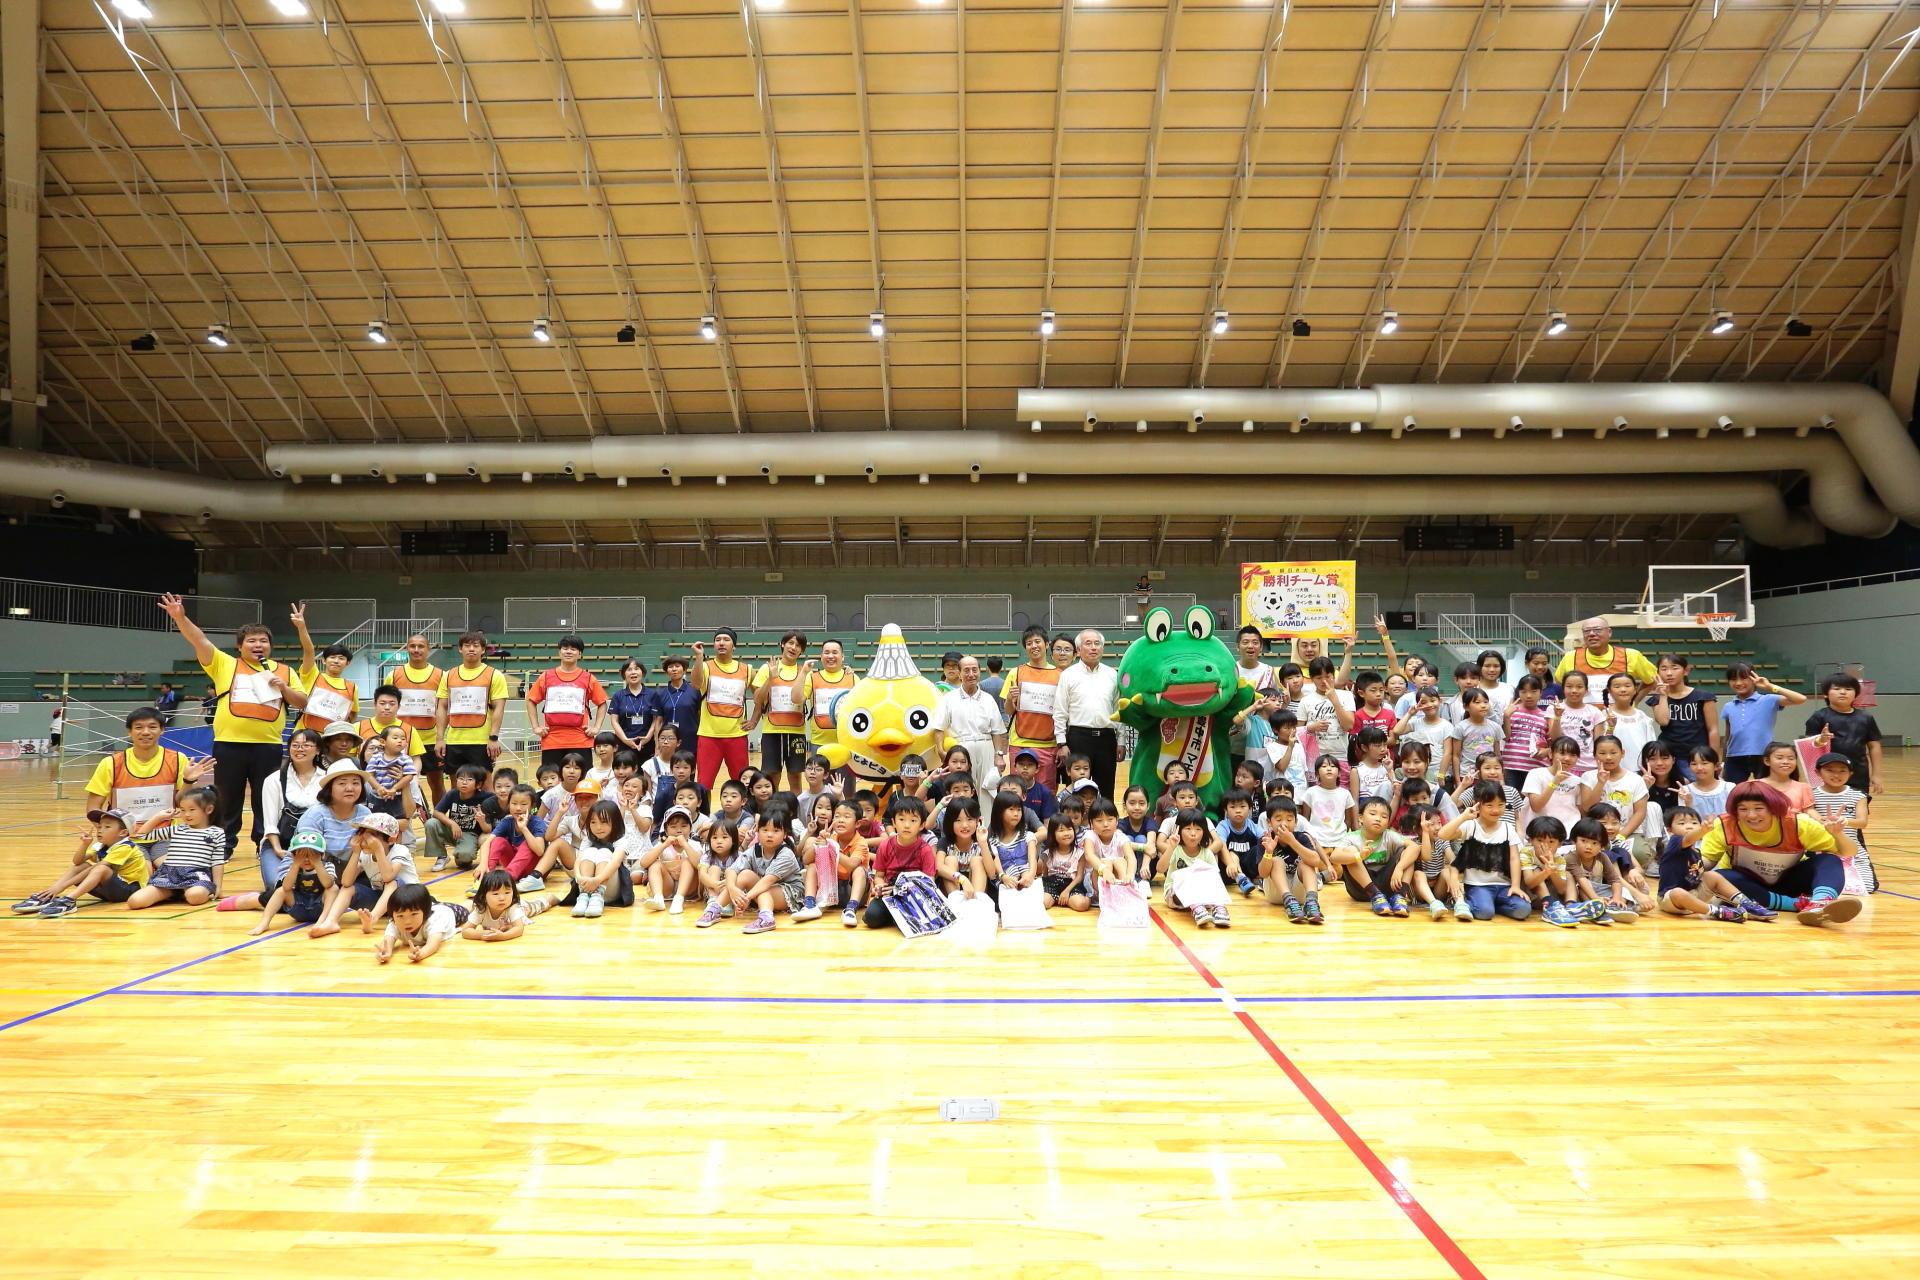 http://news.yoshimoto.co.jp/20171012110534-a03363aa3926cae85312aaf352461a129d030ffd.jpg